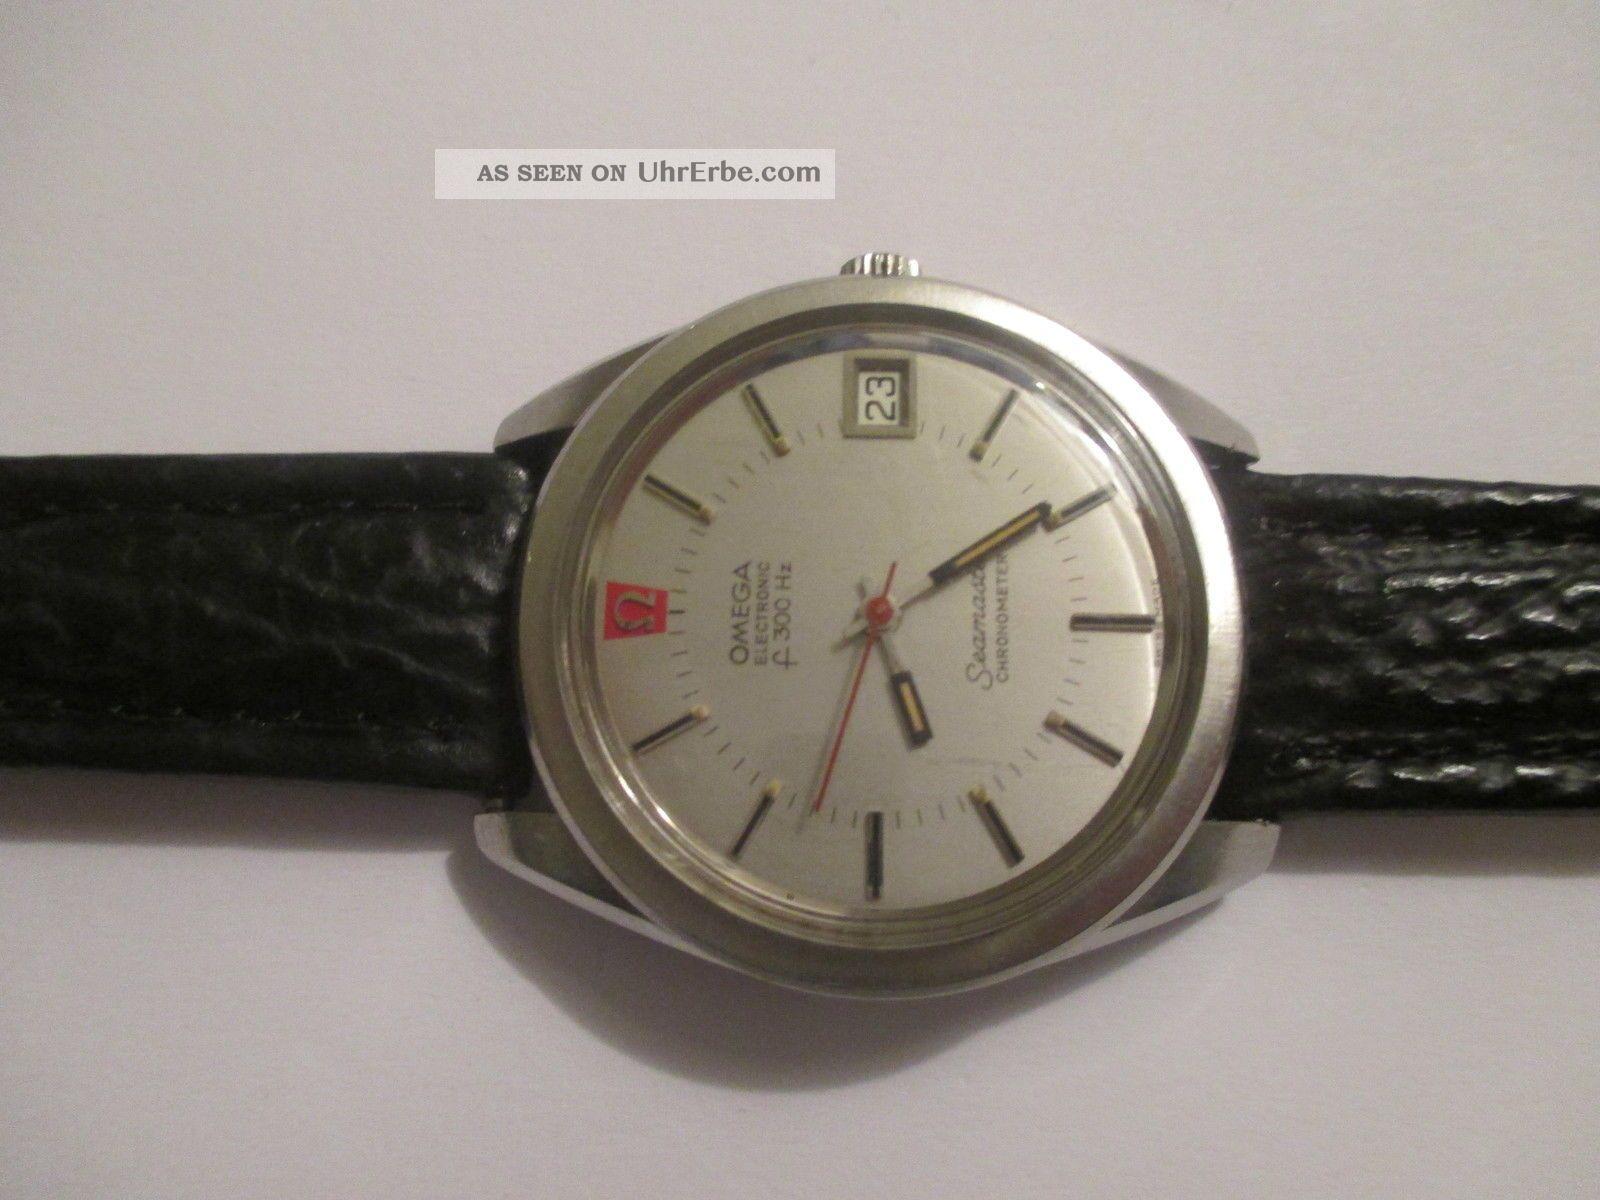 Vintage Omega Seamaster Electronic F 300 Hz Chronometer - Stimmgabel Edelstahl Armbanduhren Bild